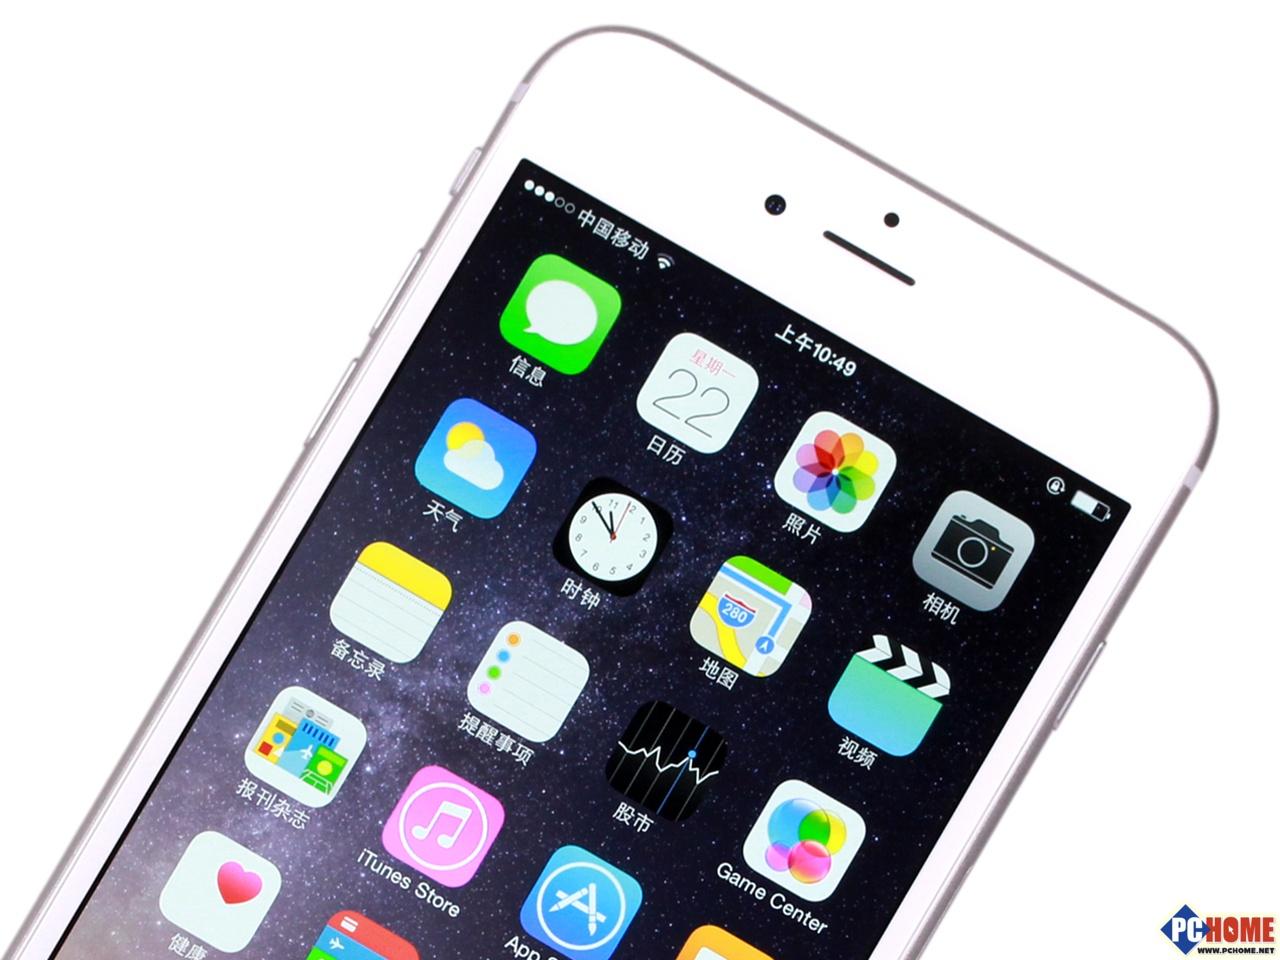 性能最强完美手机iphone6p只需3688元图片